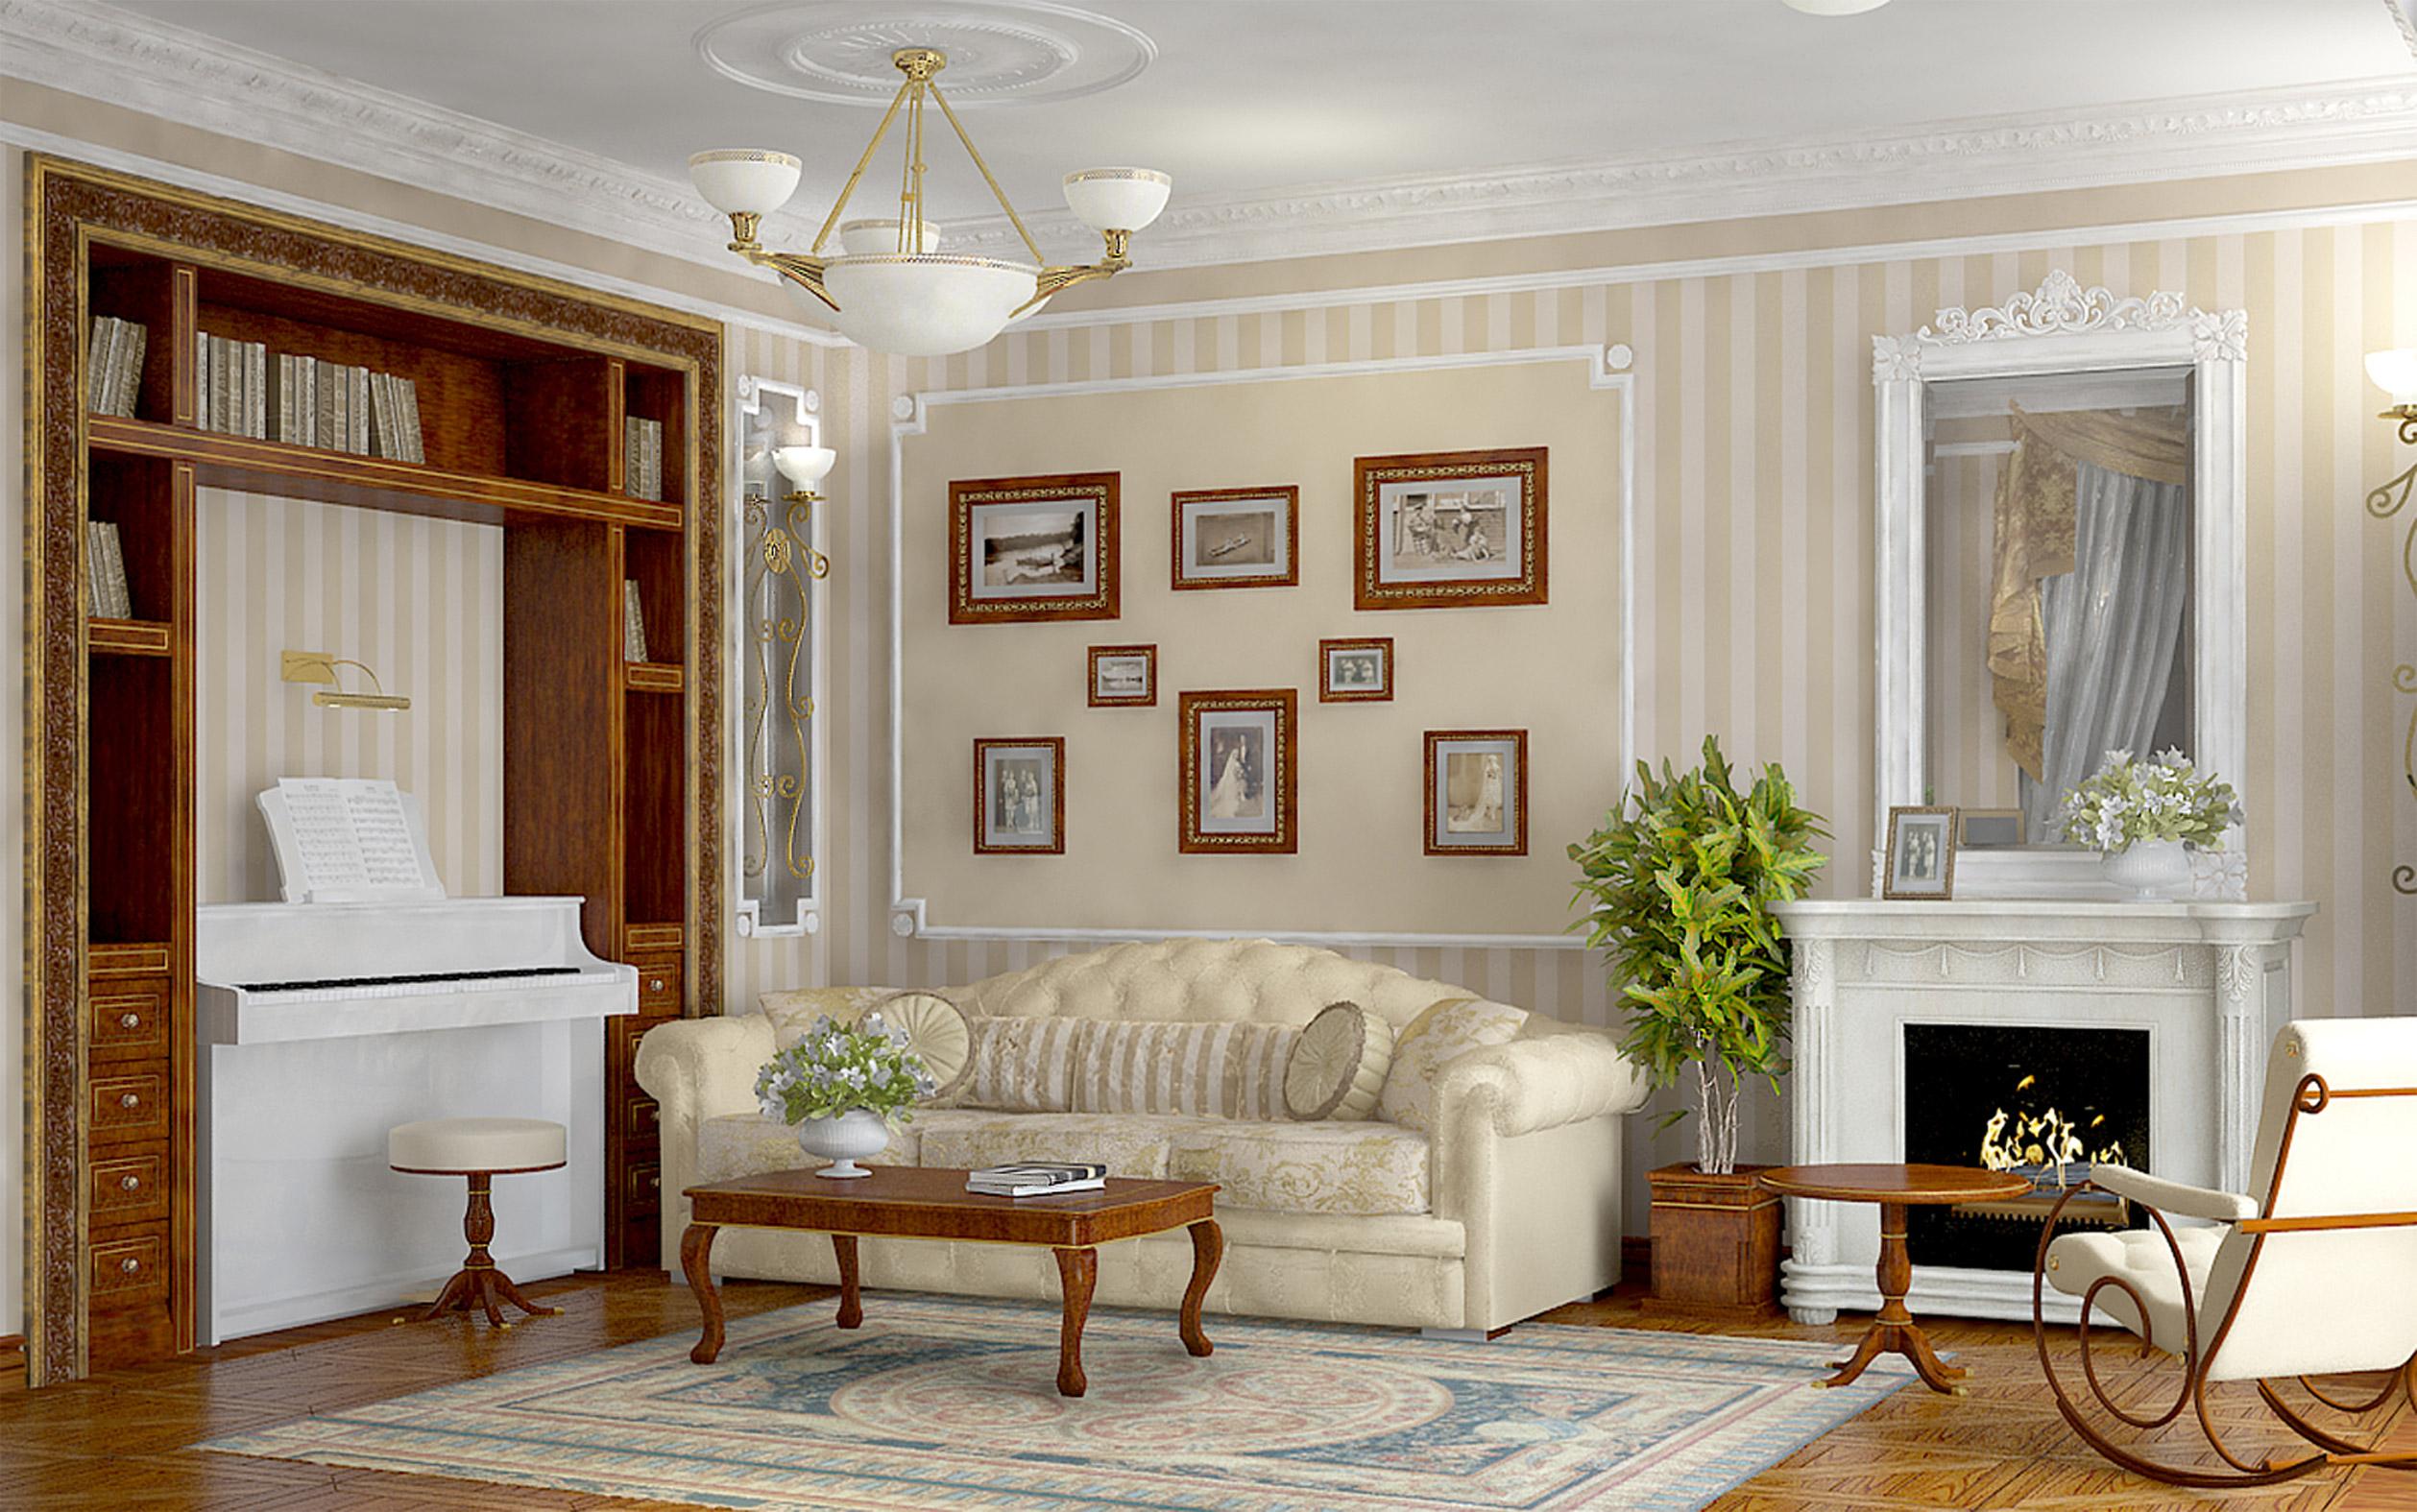 Мебель для интерьера в классическом стиле_2